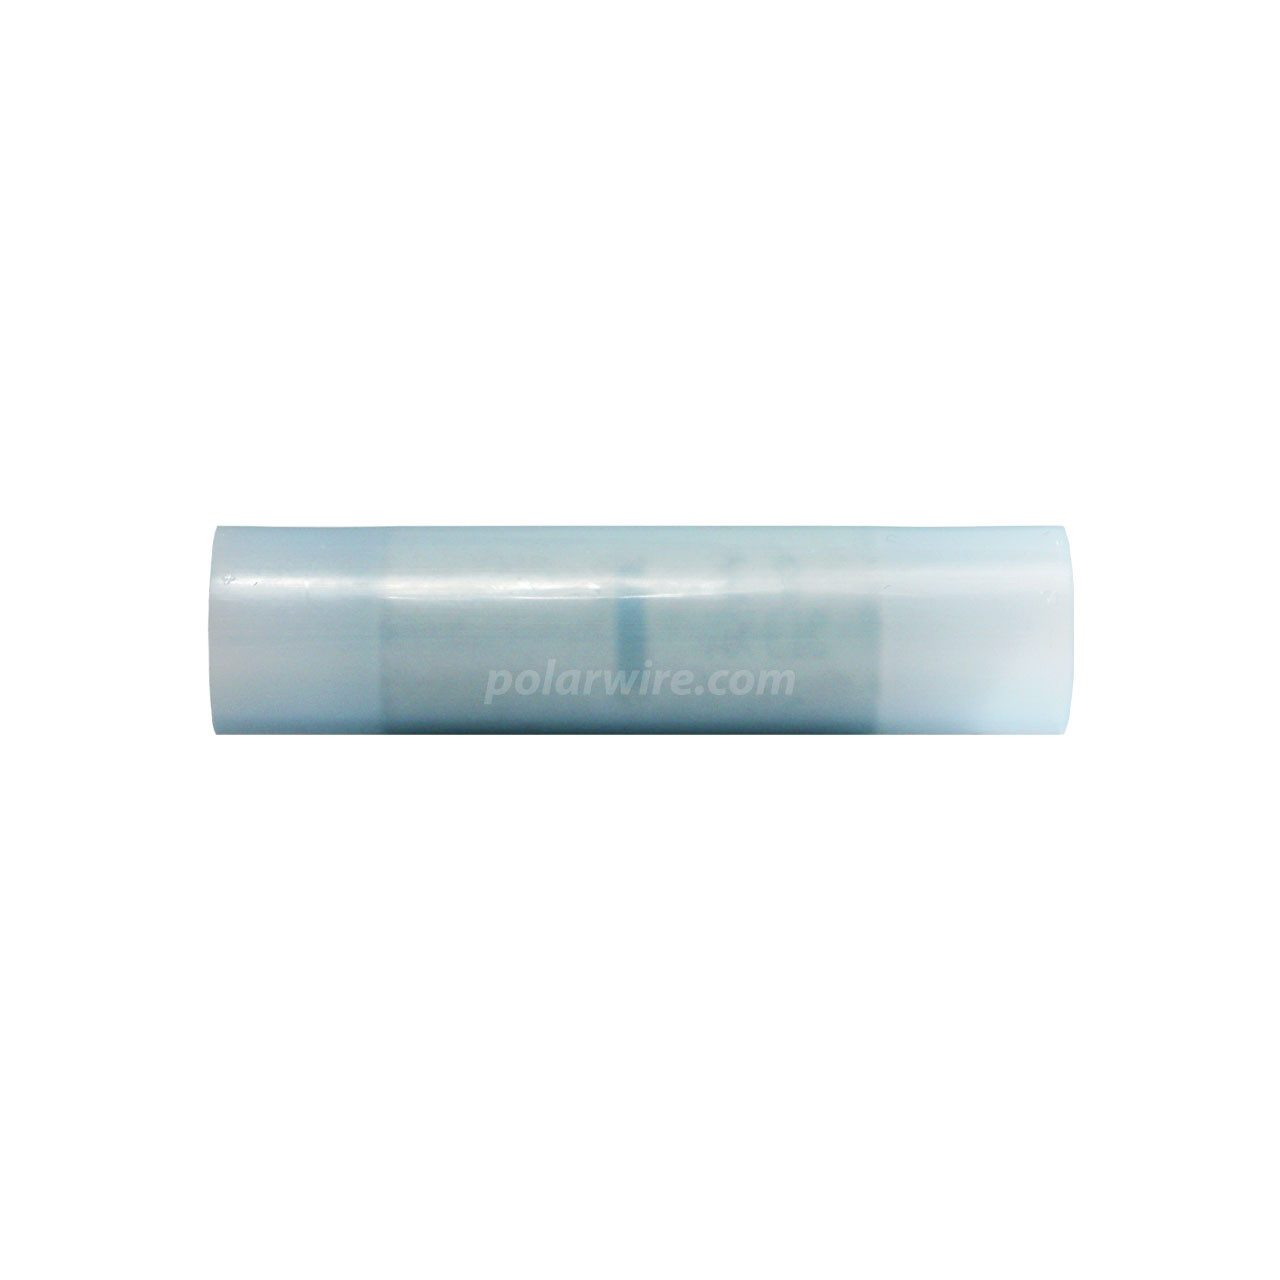 NYLON BUTT SPLICE 6GA MOLEX - Polar Wire Products